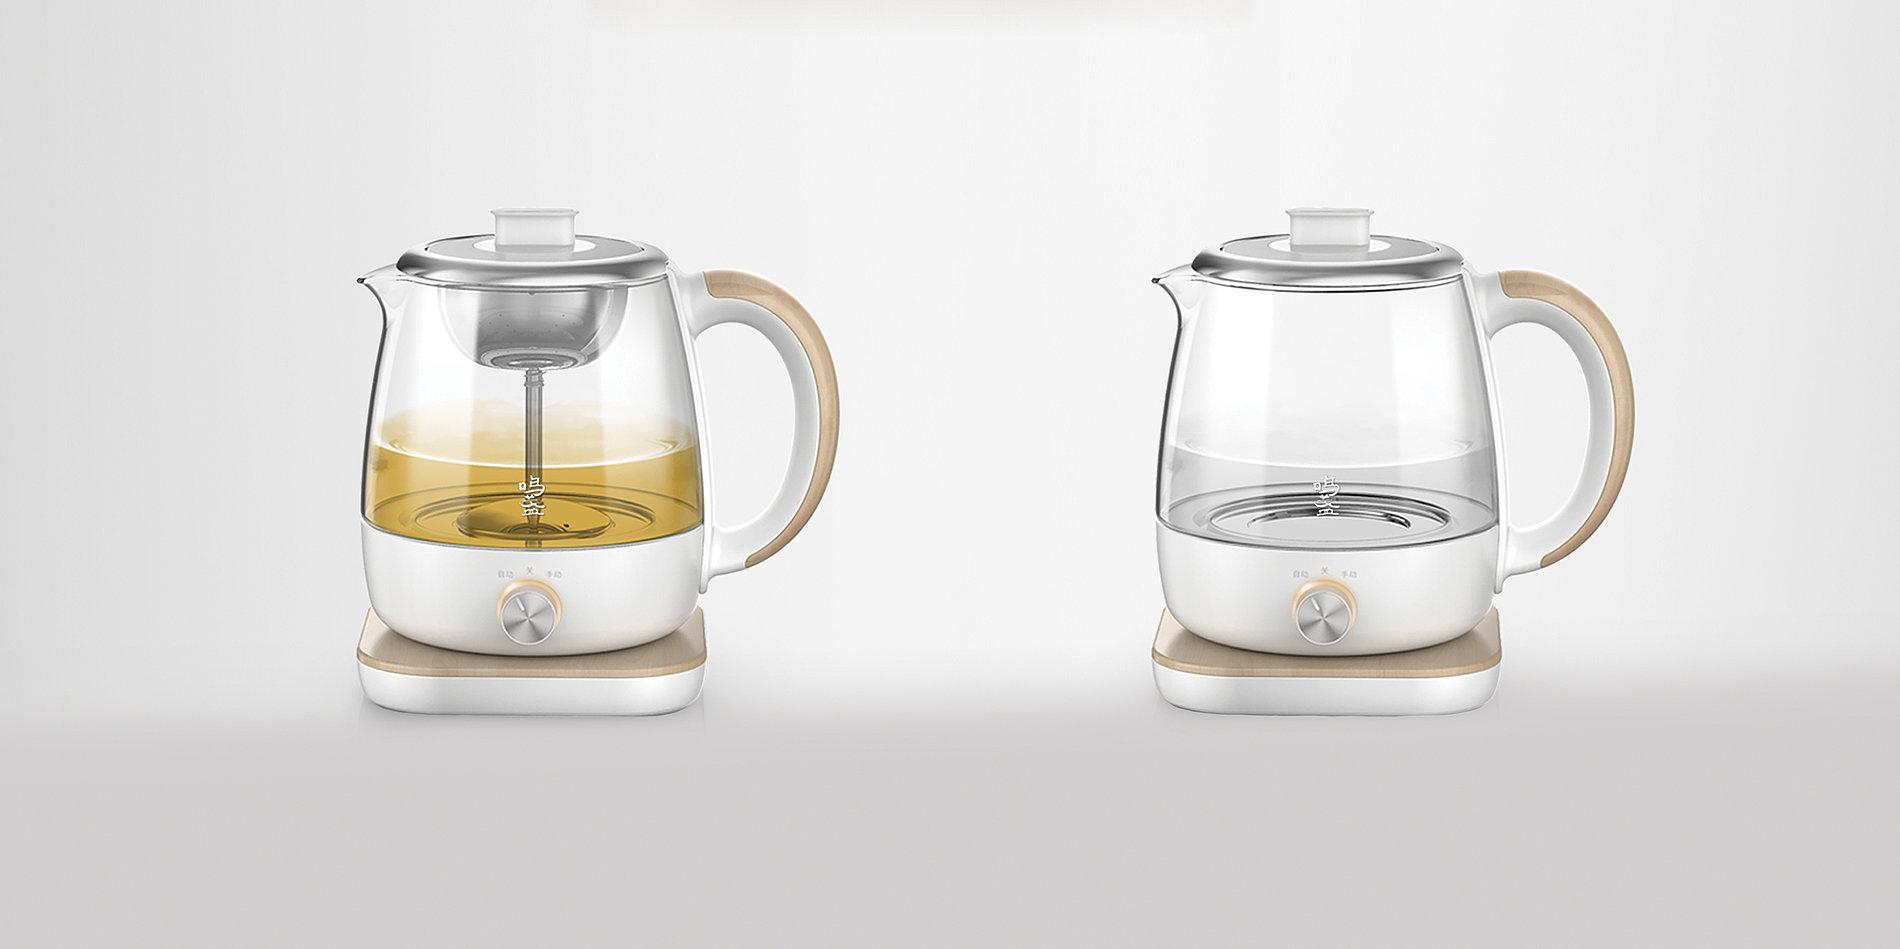 Lotus Tea Cooks | Red Dot Design Award